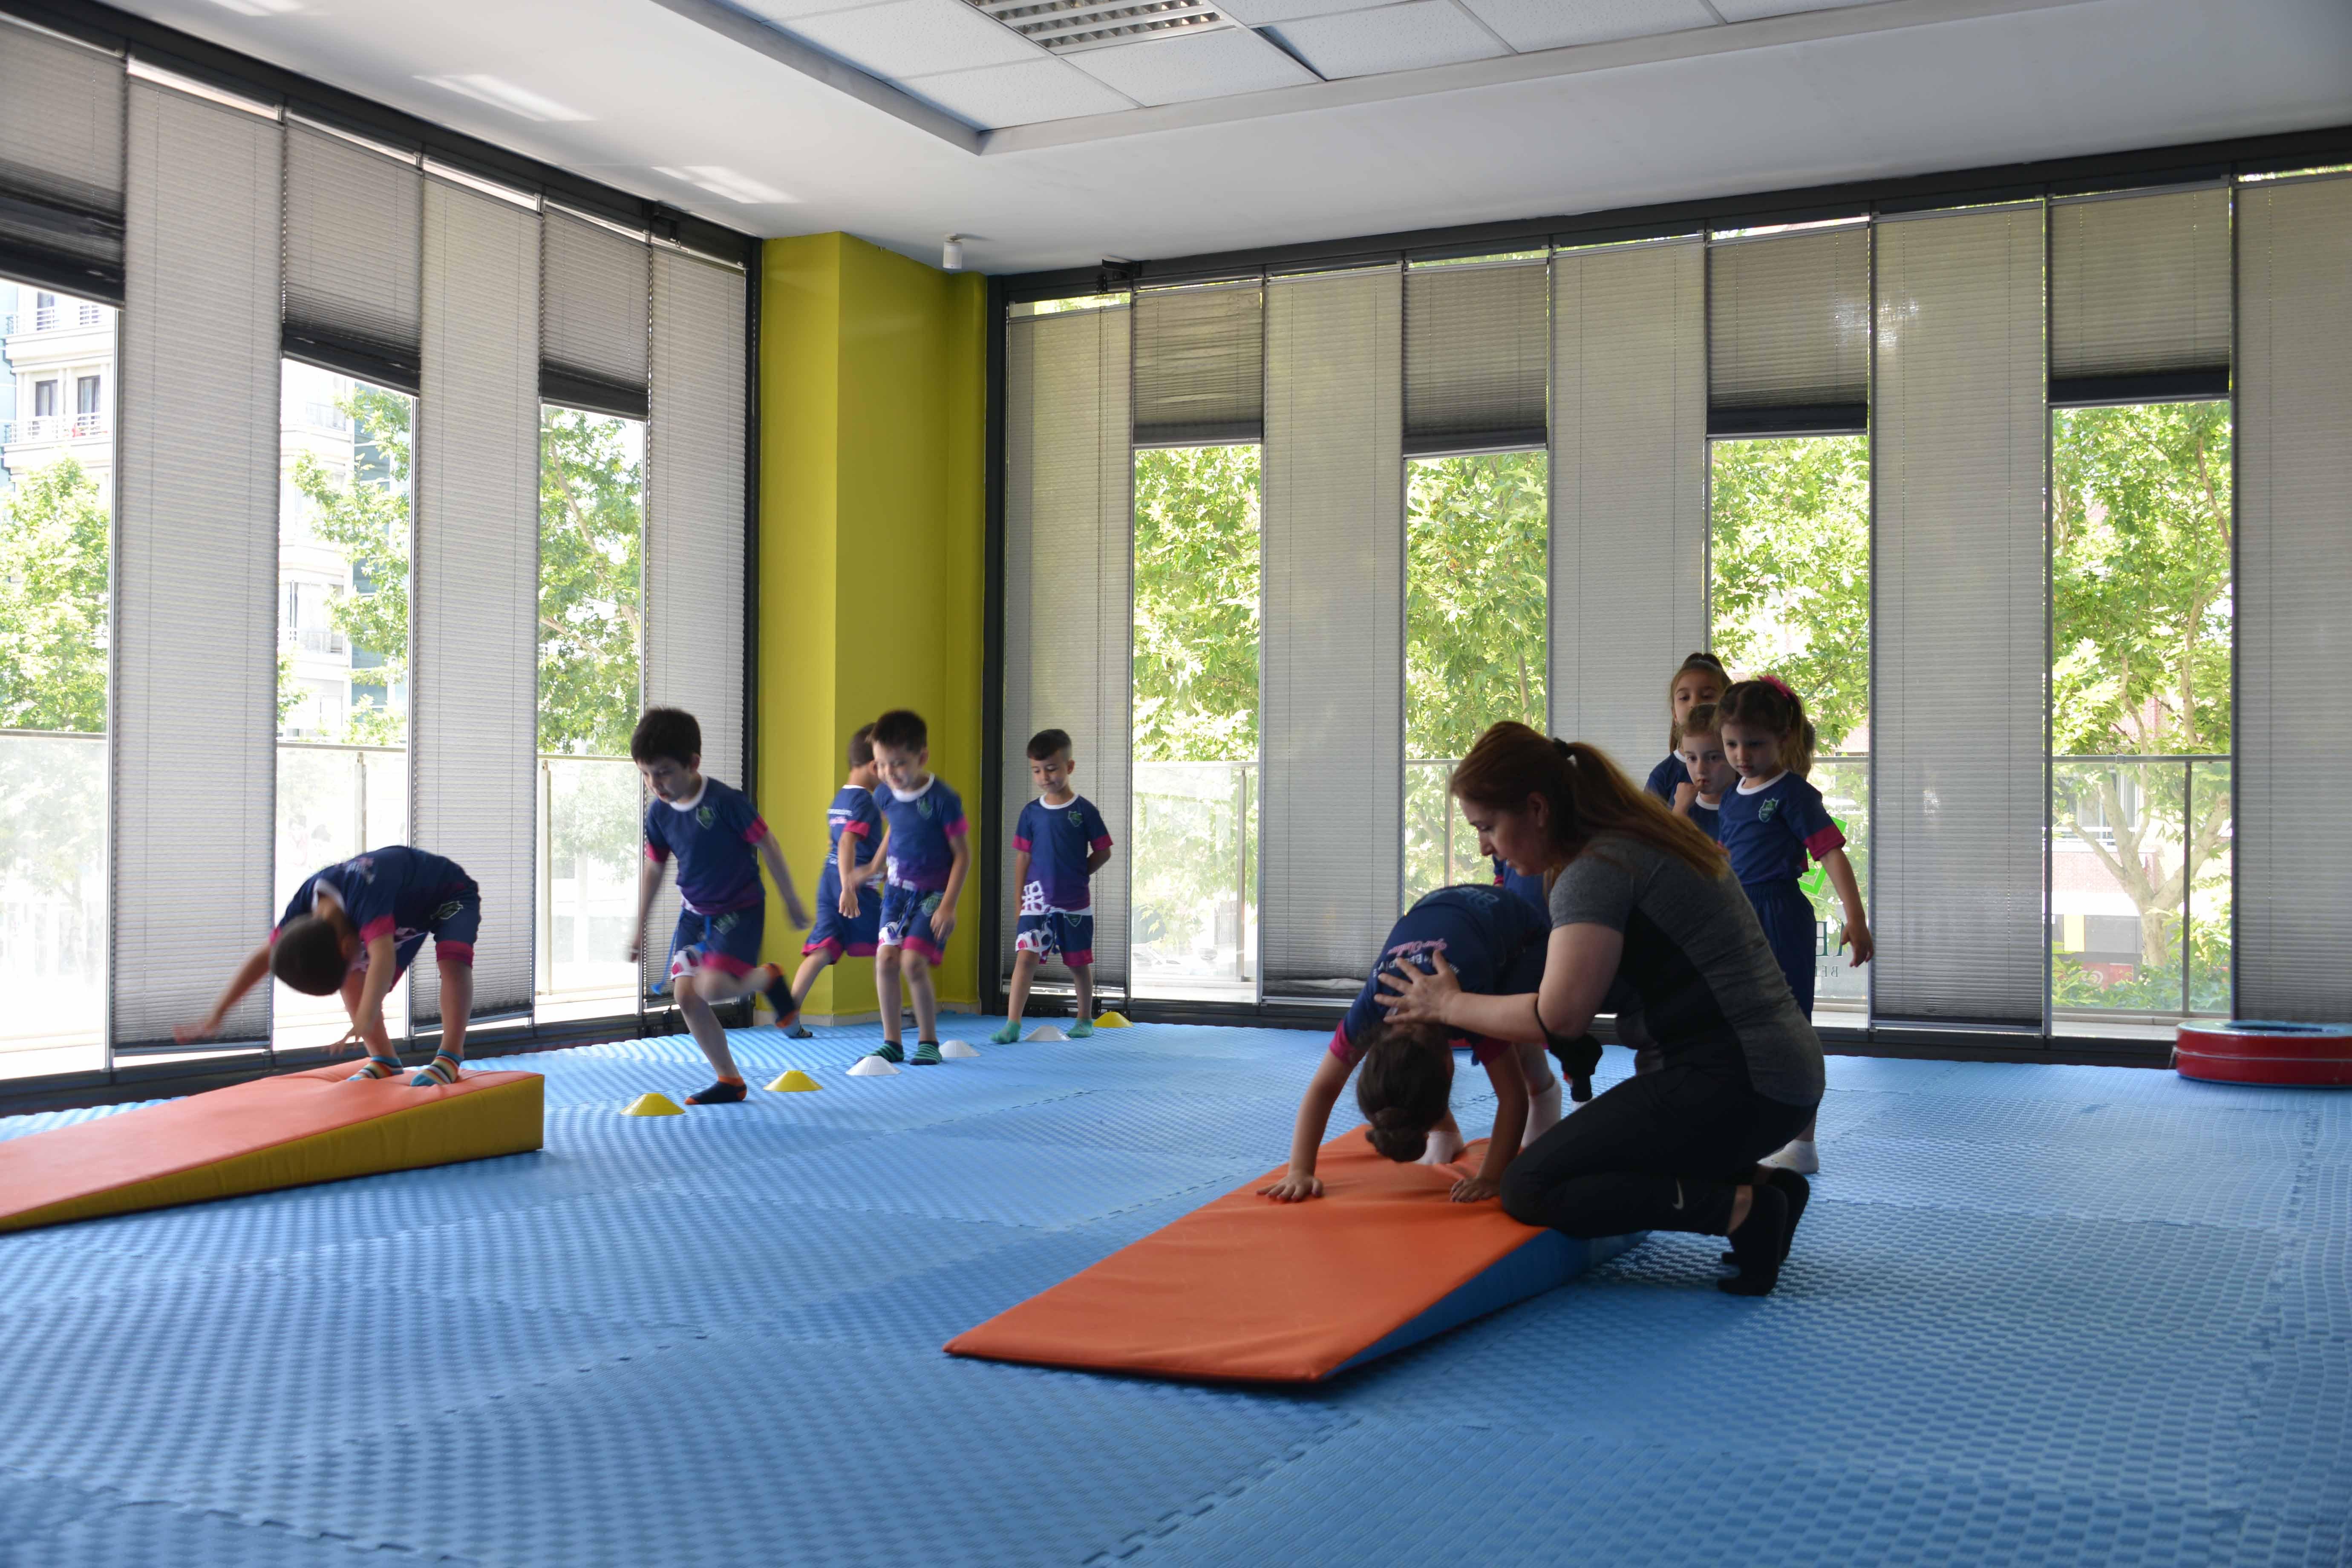 meramda-kis-spor-okullari-basliyor-003.jpg